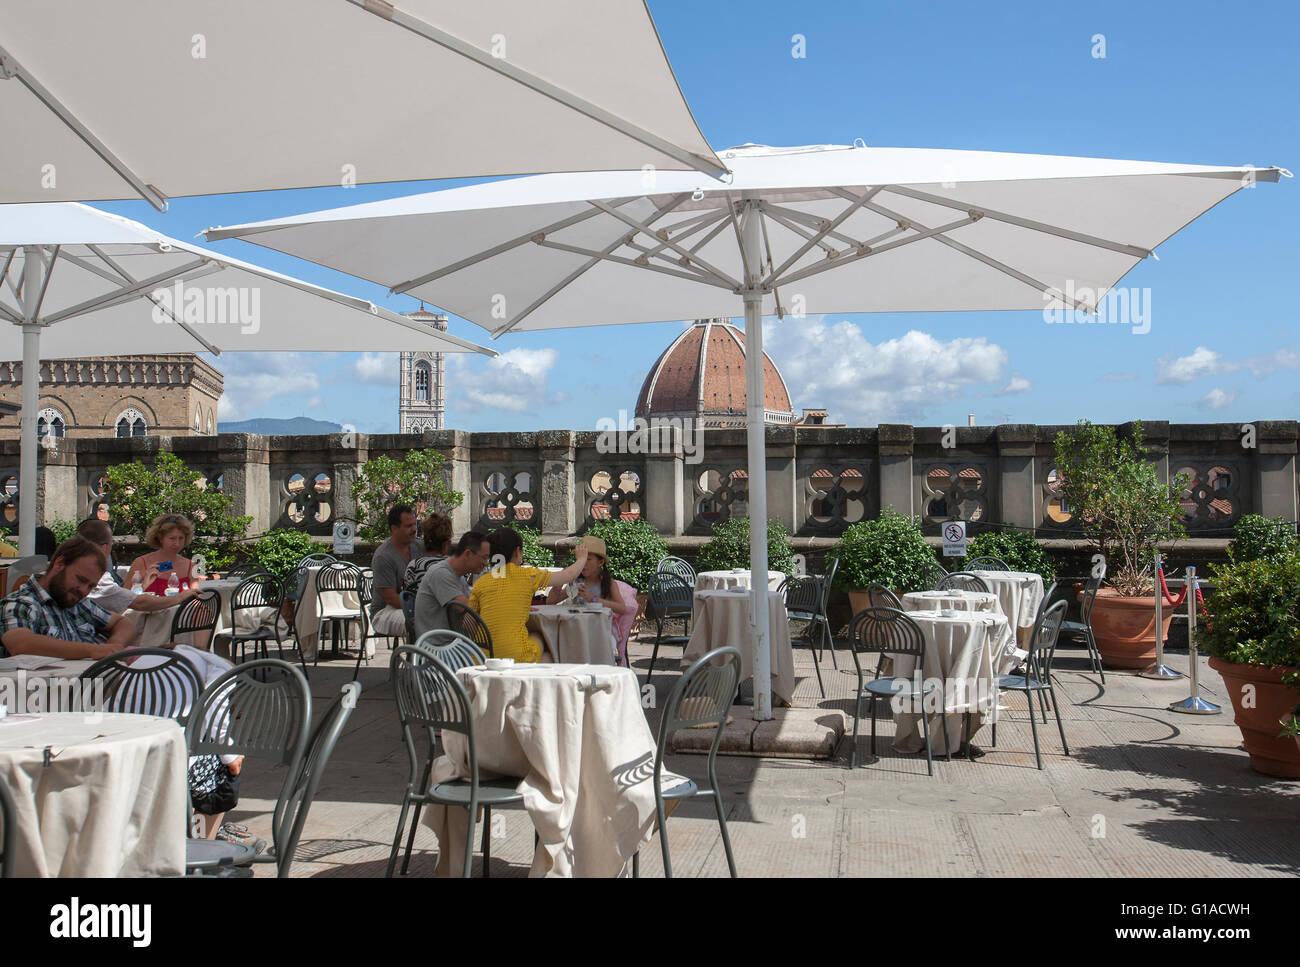 La Terrazza Sul Tetto Cafe Ristorante Nella Galleria Degli